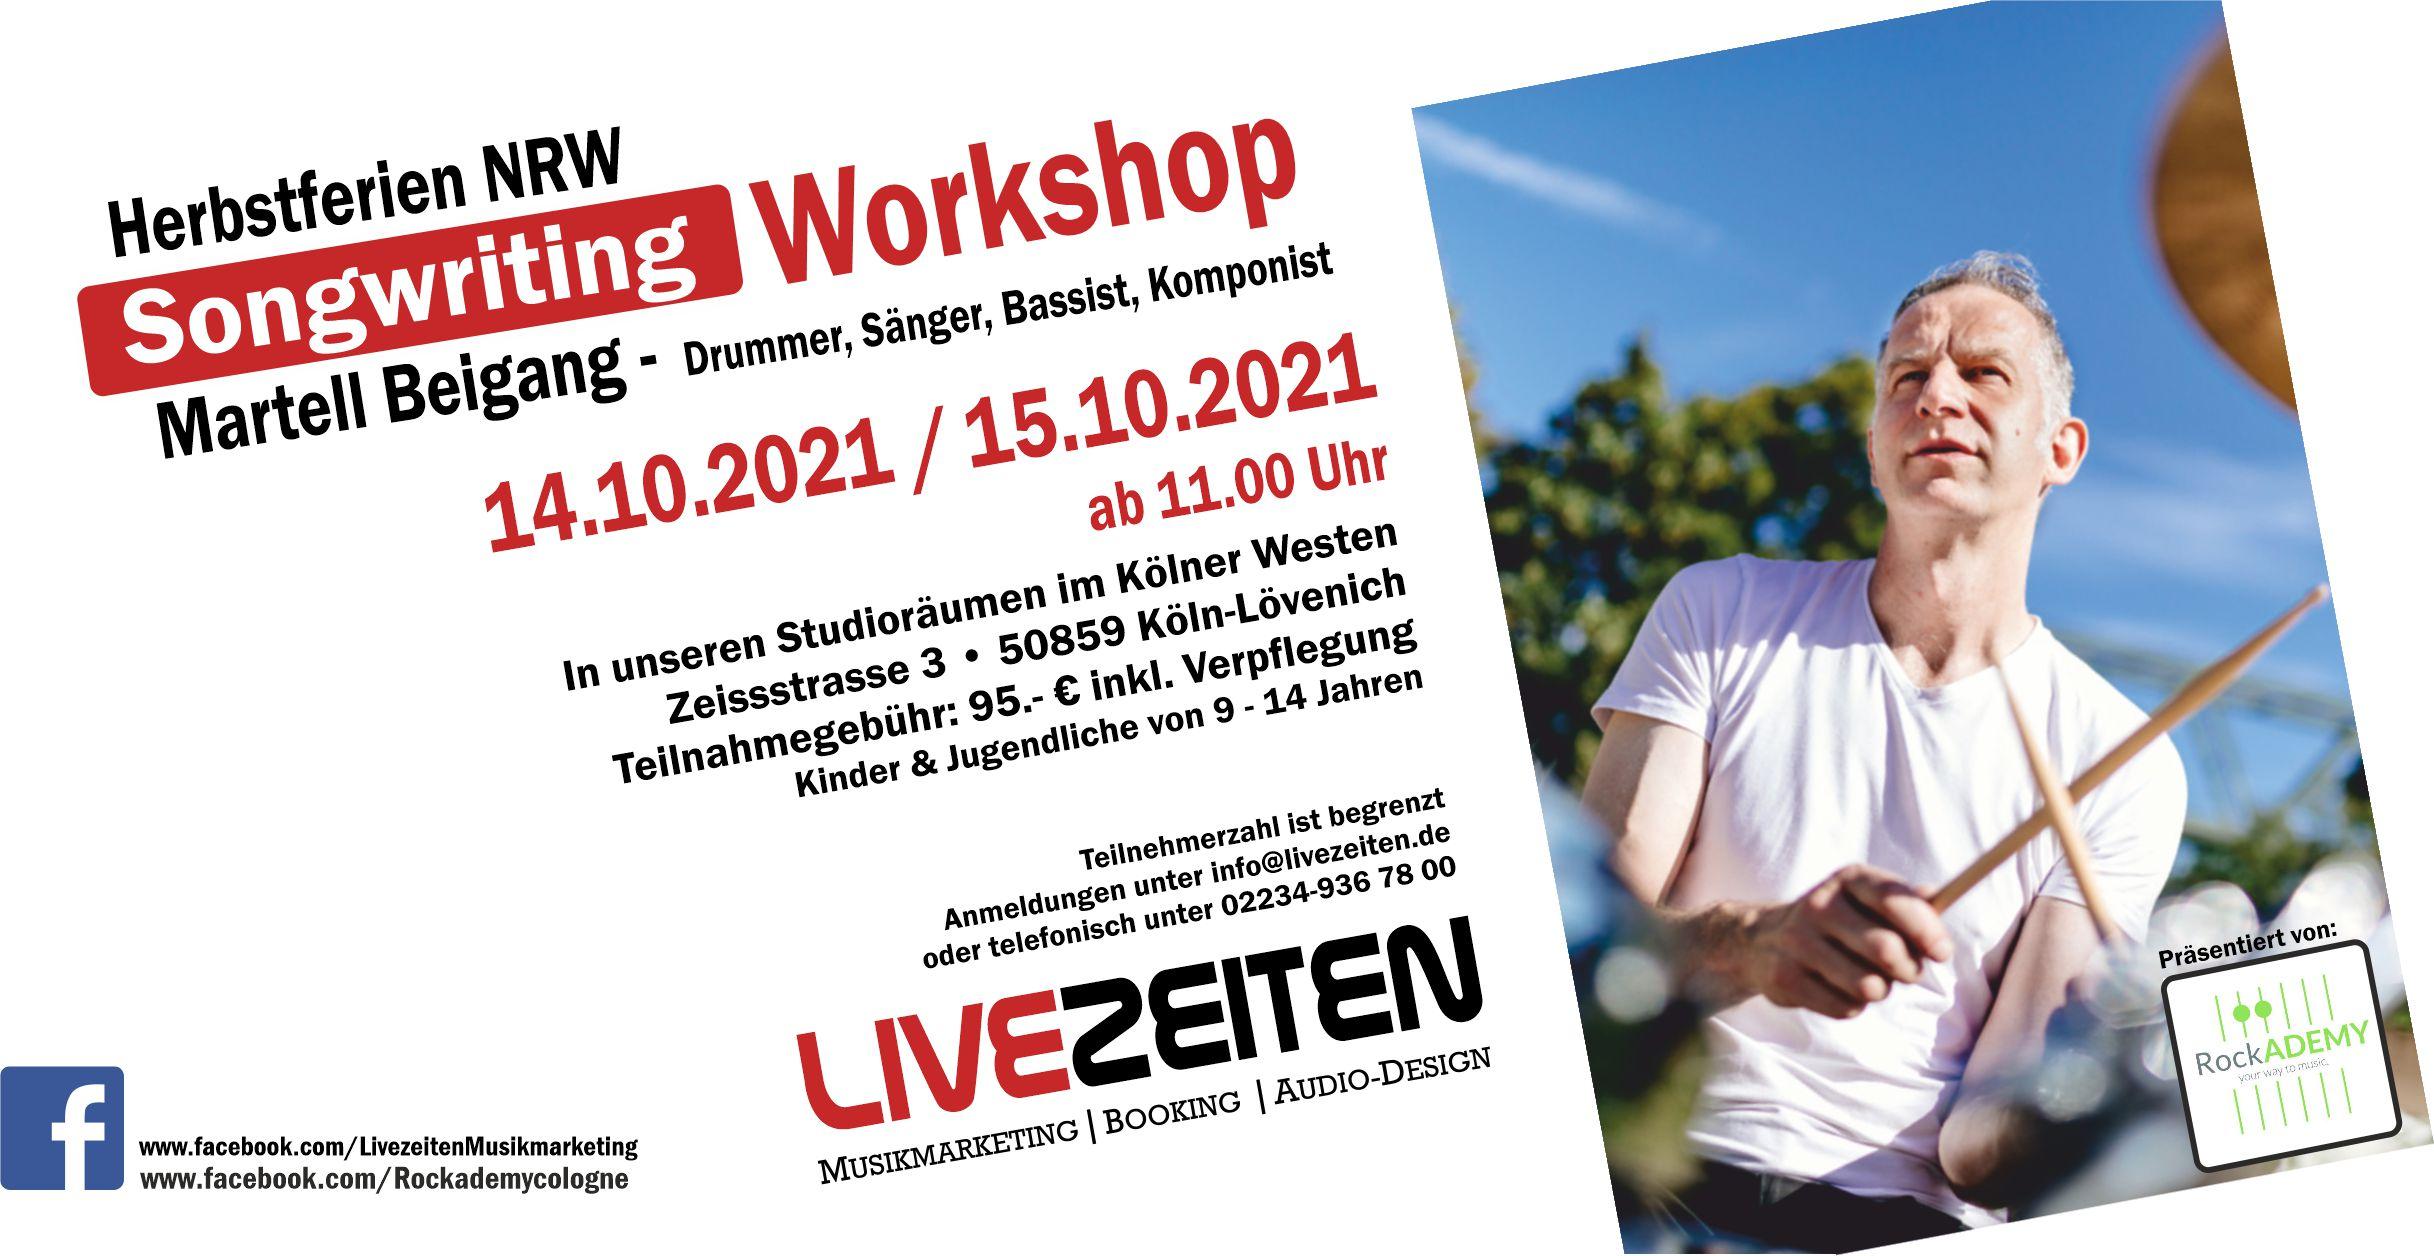 Songwriting Workshop mit Martell Beigang in den NRW Herbstferien